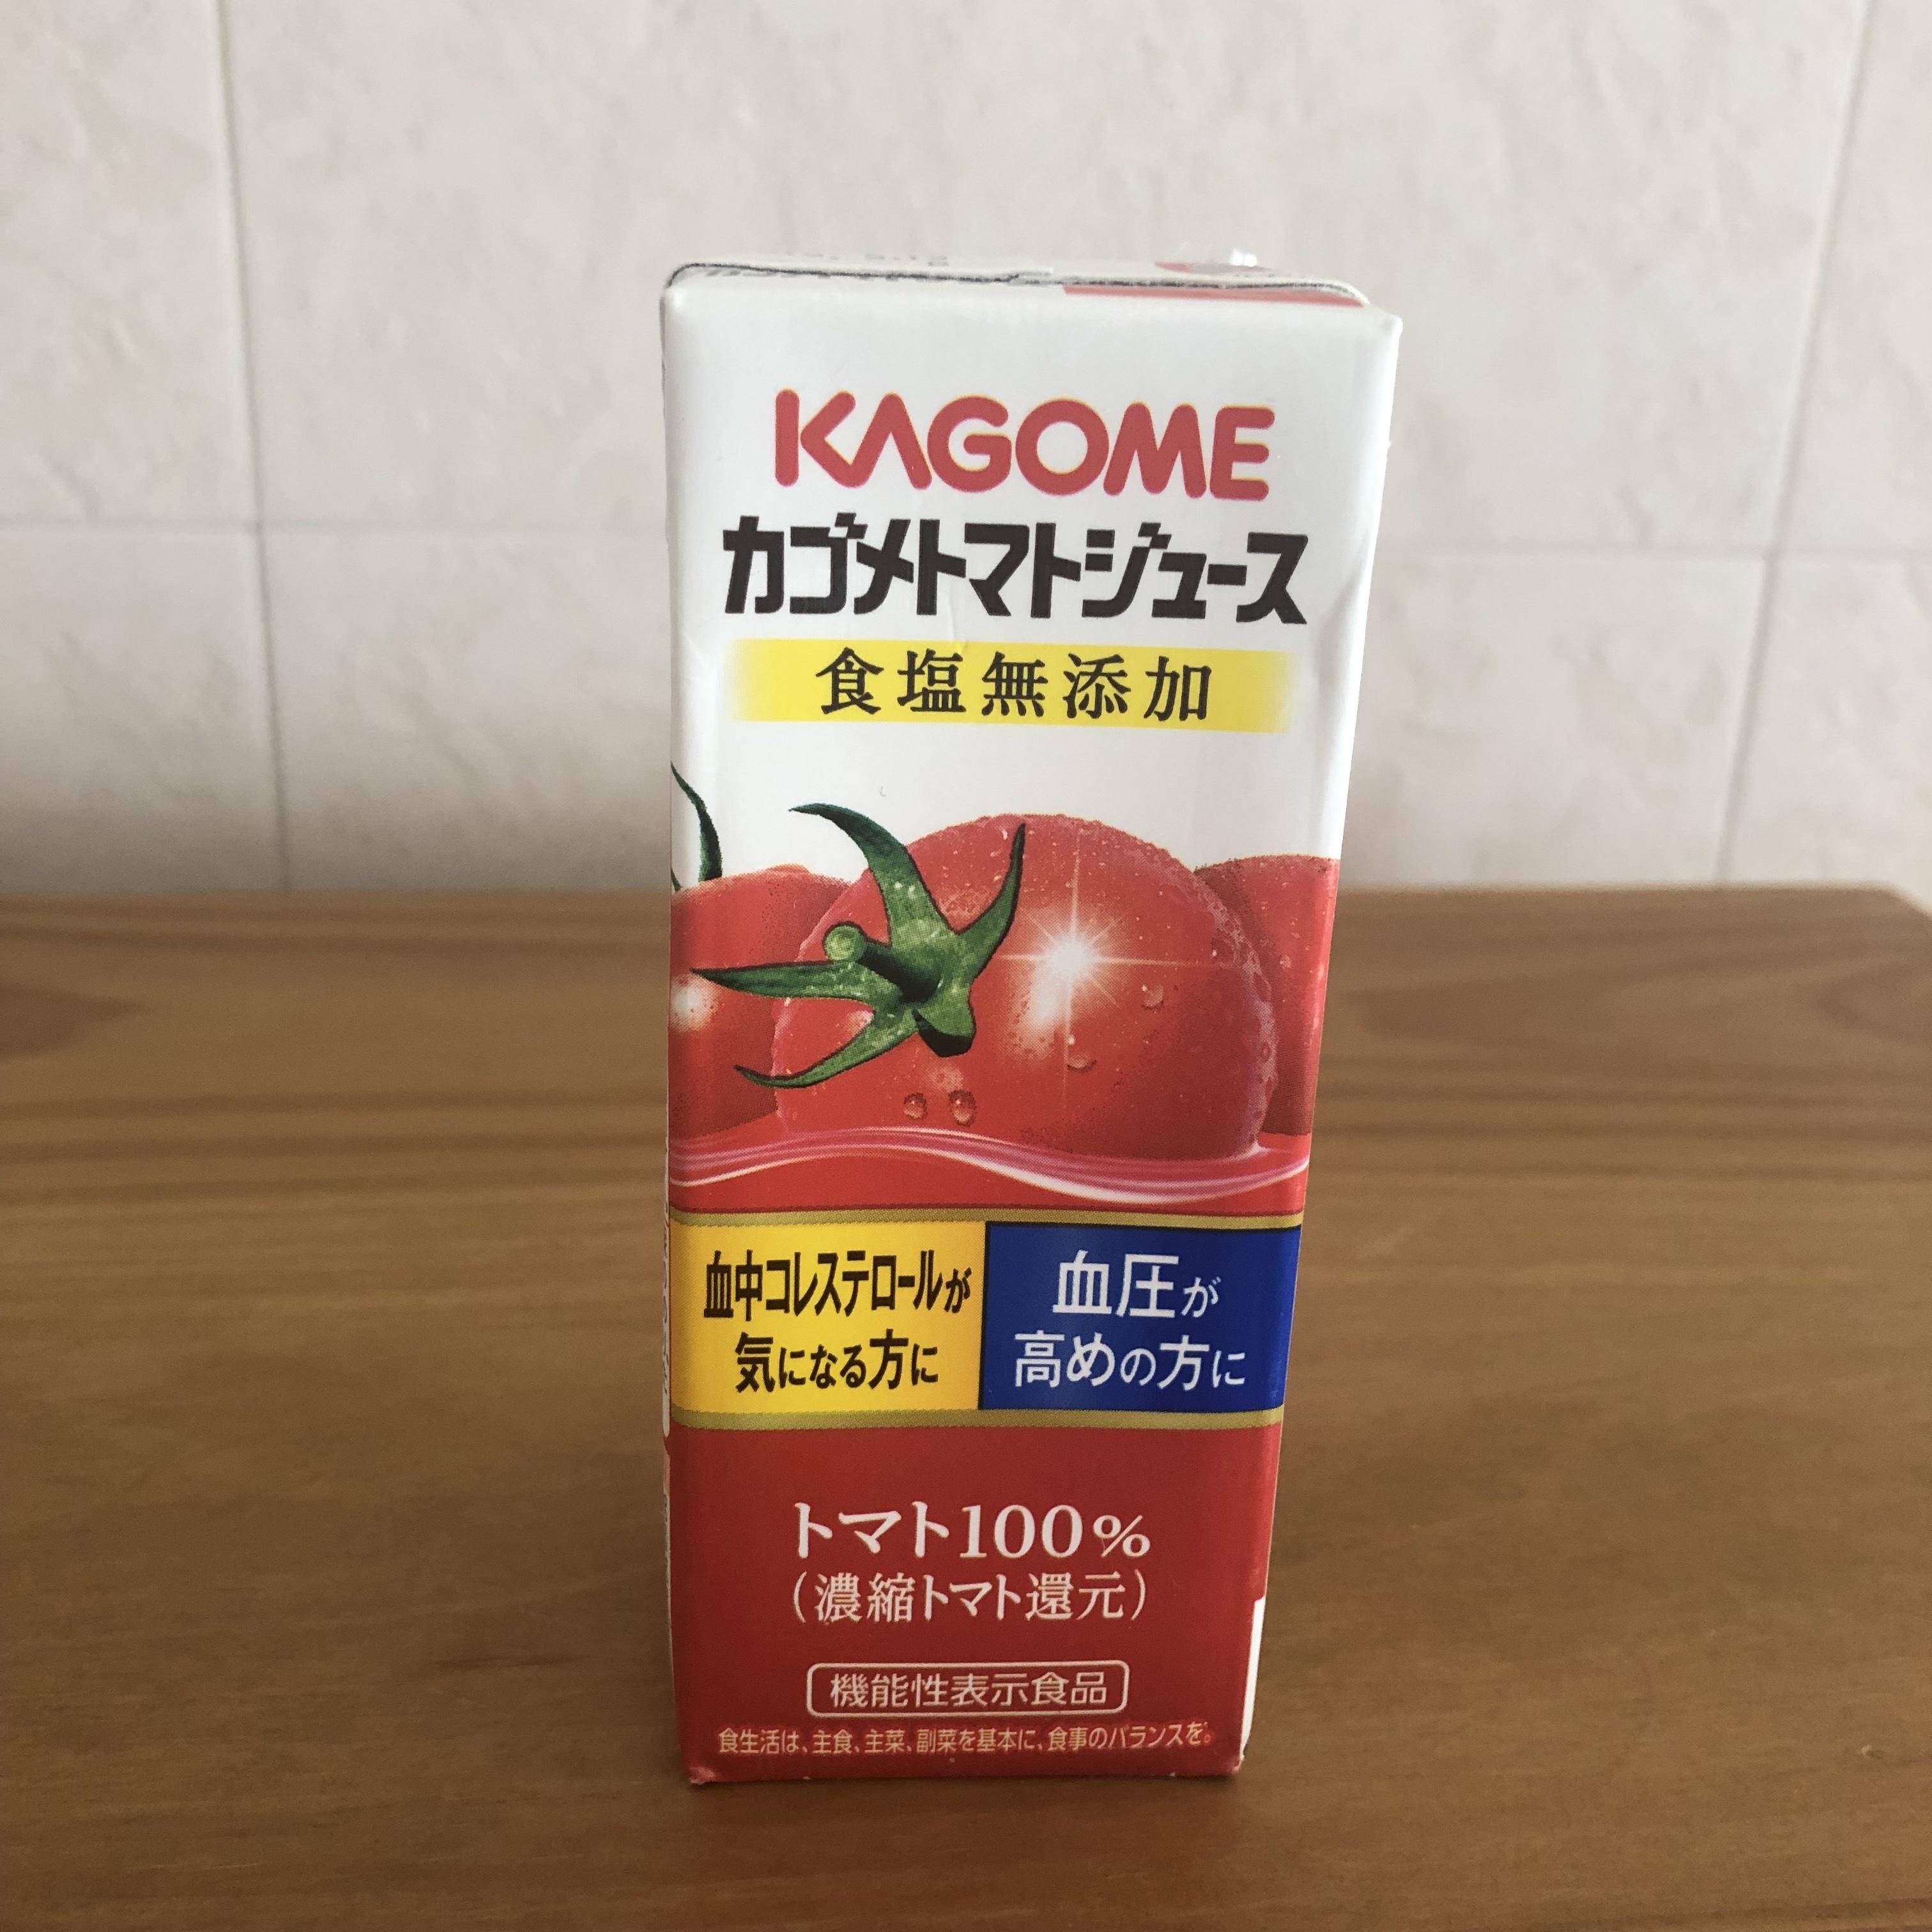 [美白]初めてでも飲みやすい!おすすめのトマトジュース[コンビニ]_1_3-1